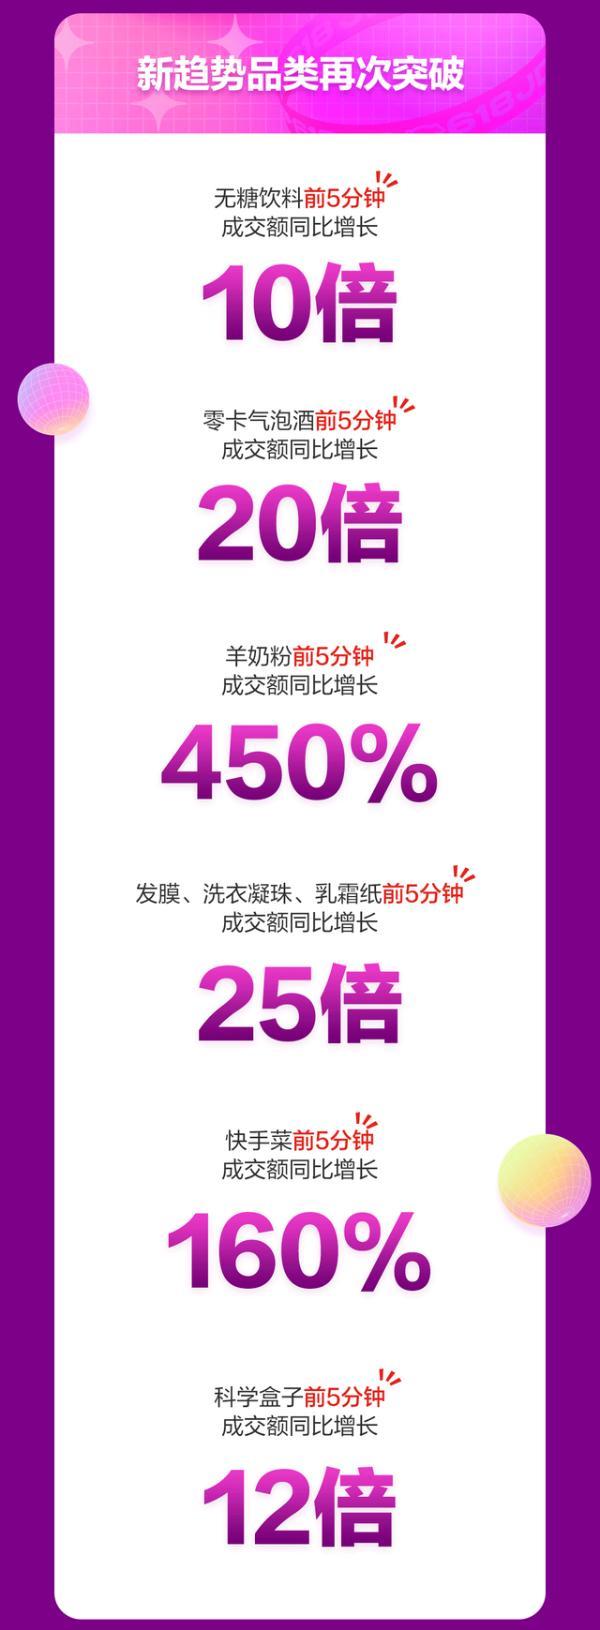 京东超市618:全渠道联动为品牌带来重要增量